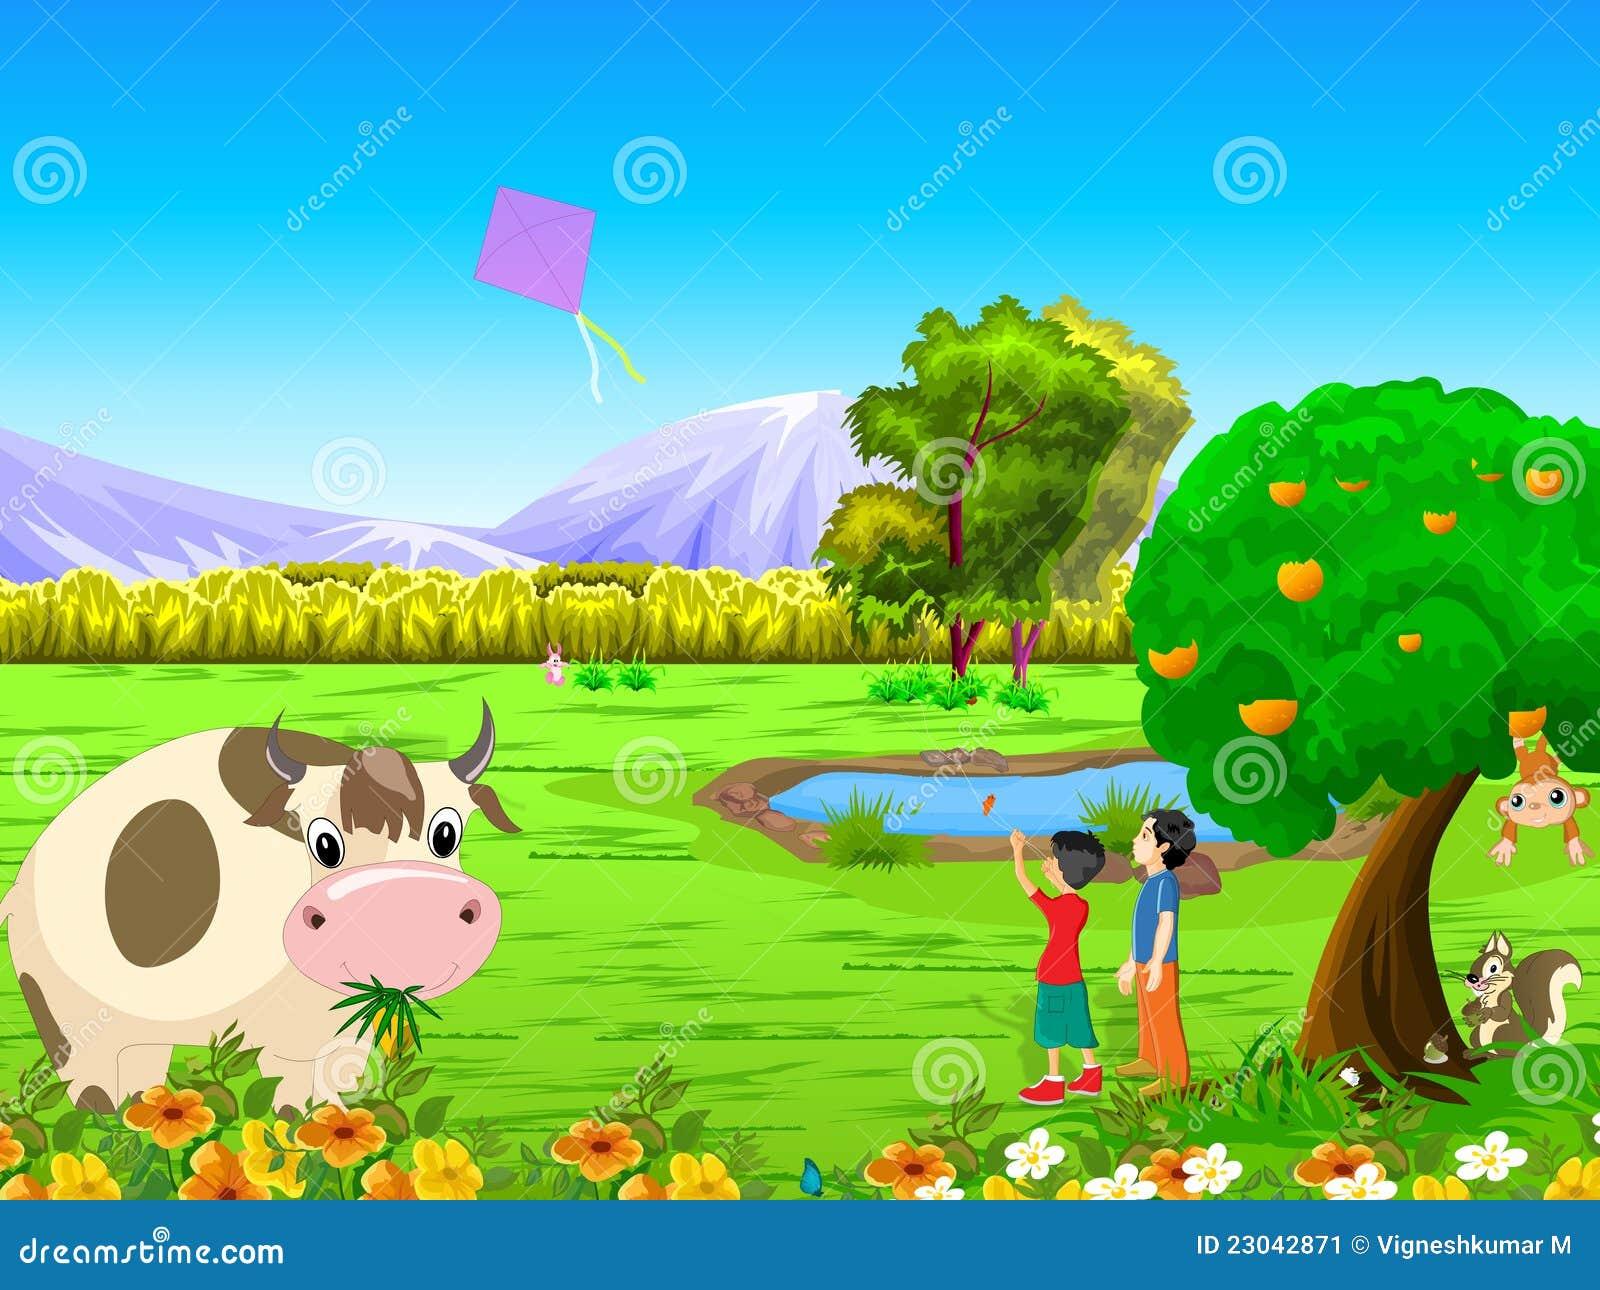 Garden Animals Clipart